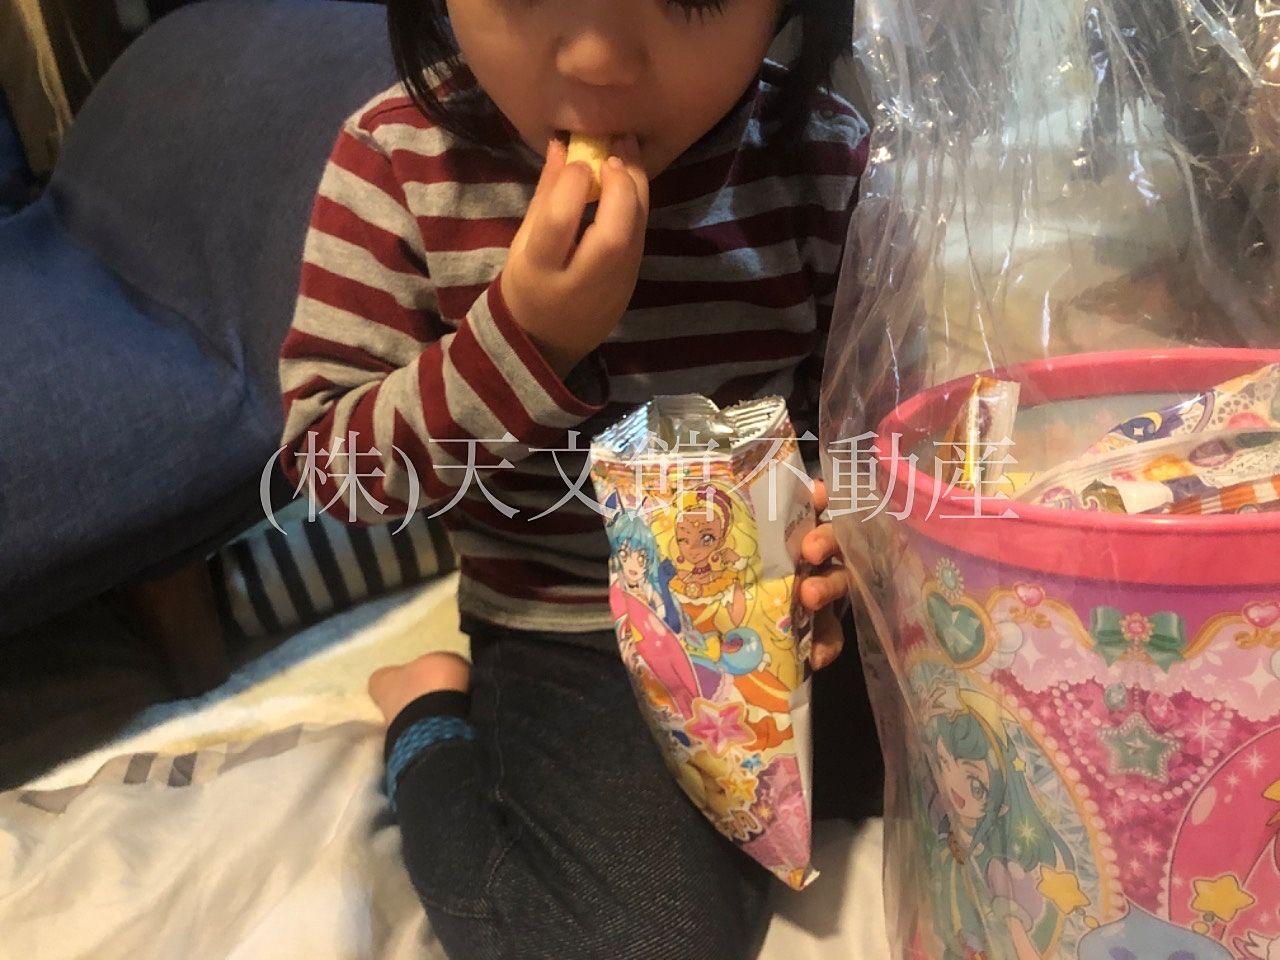 プレゼントの菓子を必死に食べる娘